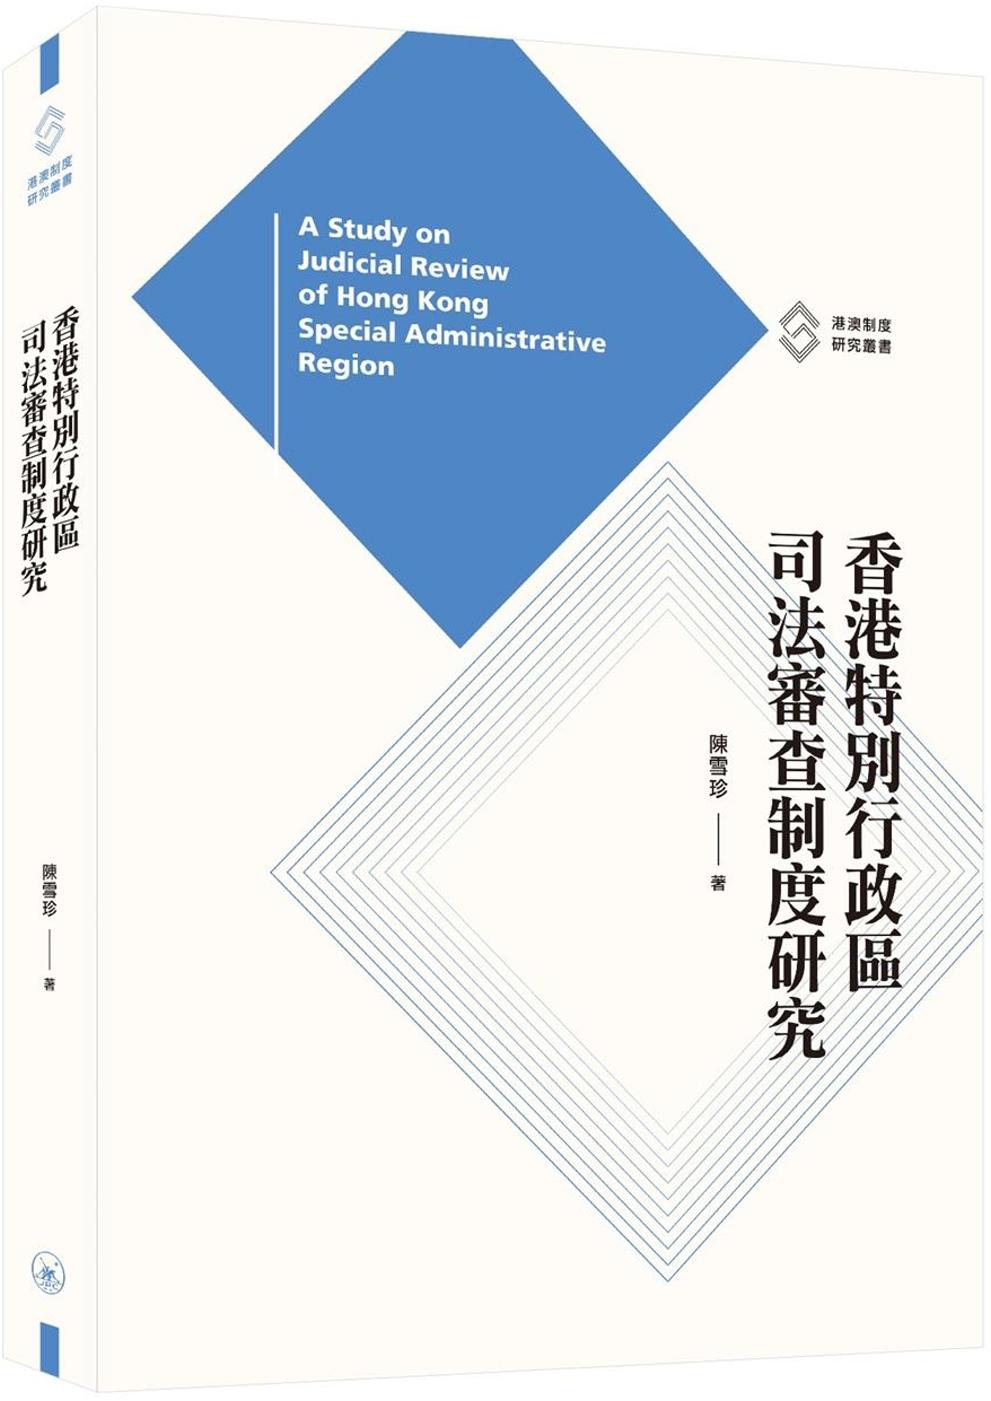 香港特別行政區司法審查制度研究